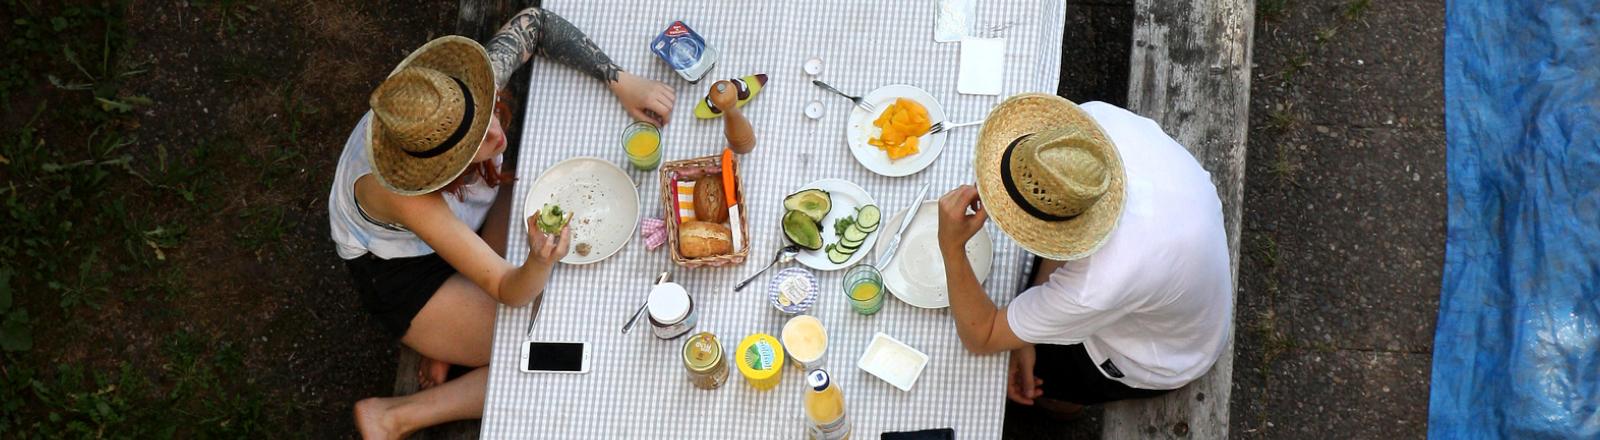 Eine Mann und eine Frau essen an einem großen Tisch Frühstück